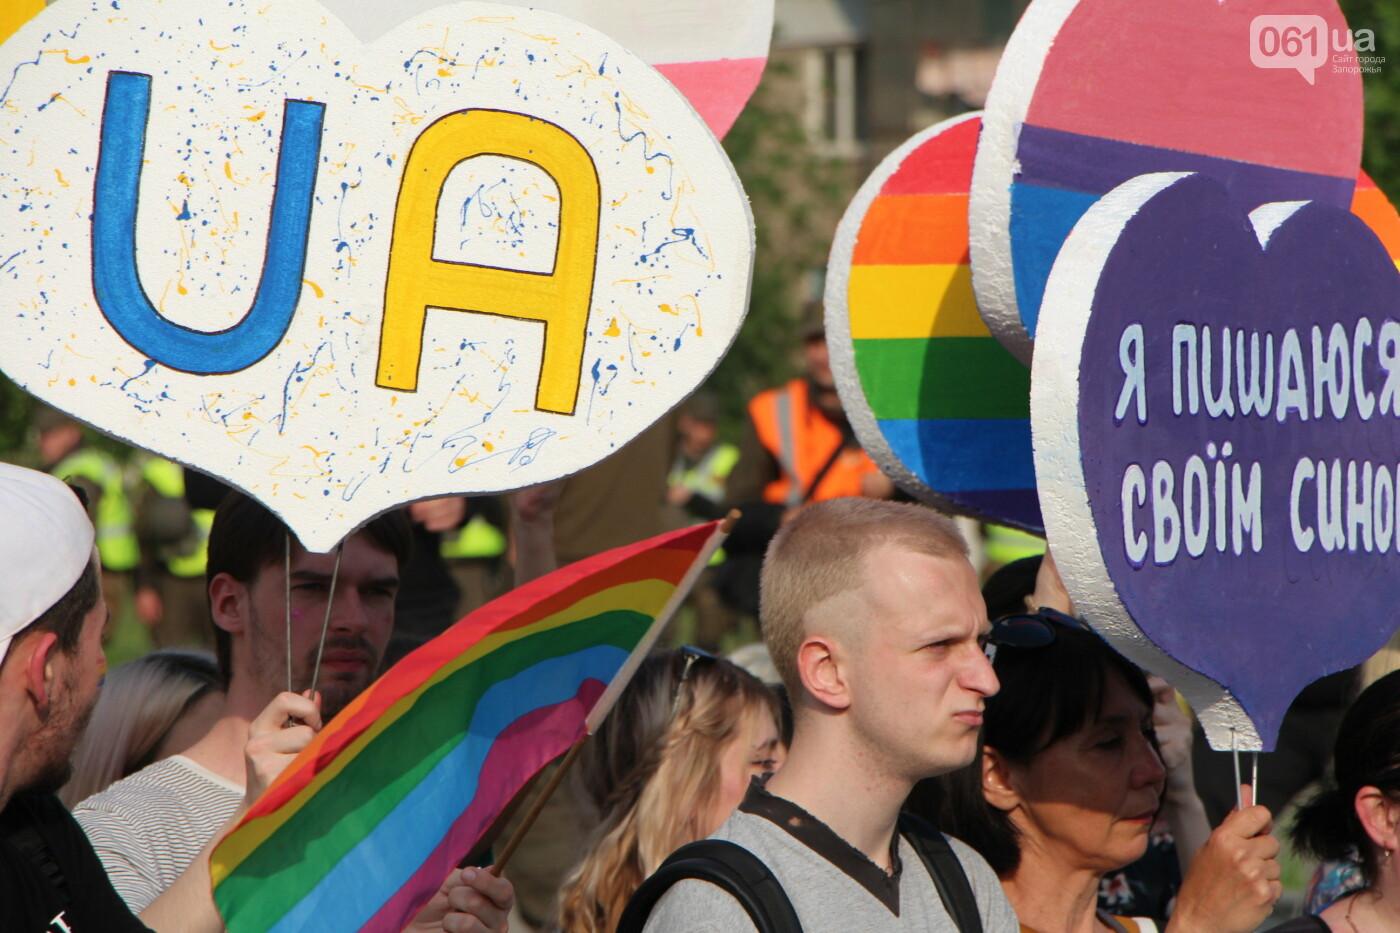 """""""Радужный флешмоб"""" переехал из-за угрозы насилия: как прошла ЛГБТ-акция в Запорожье, - ФОТОРЕПОРТАЖ, фото-39"""